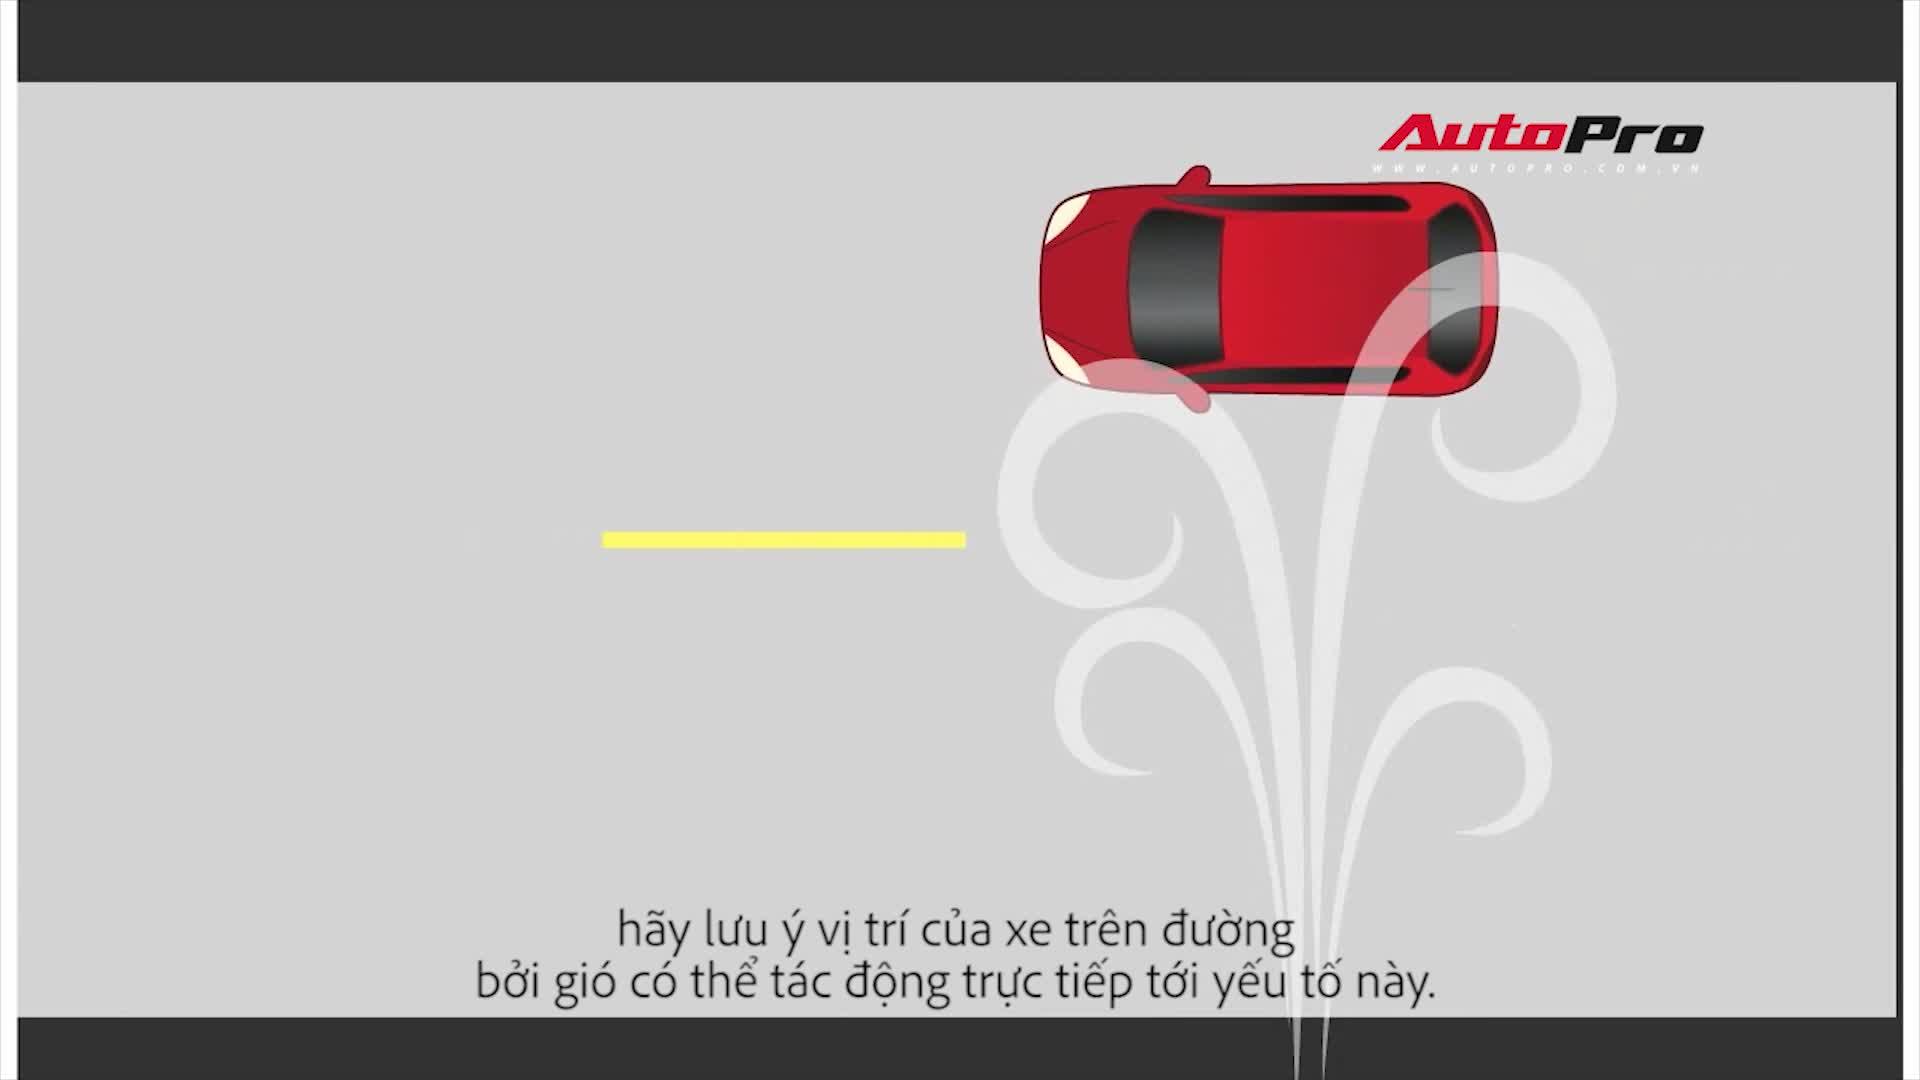 Bão về và đây là hướng dẫn lái xe an toàn mà bạn cần biết